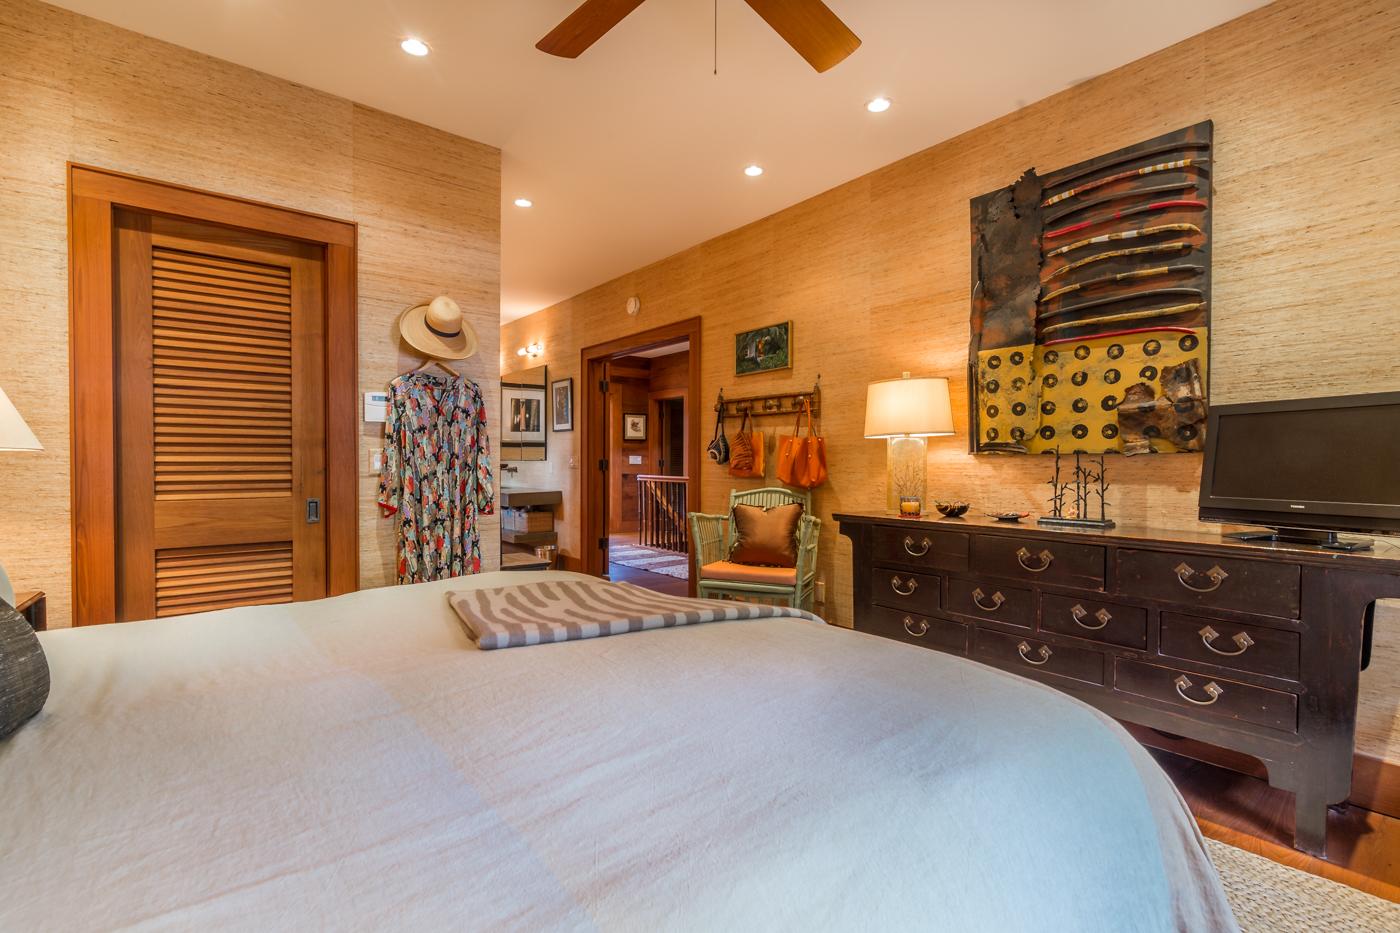 908 Fleming Street master bedroom